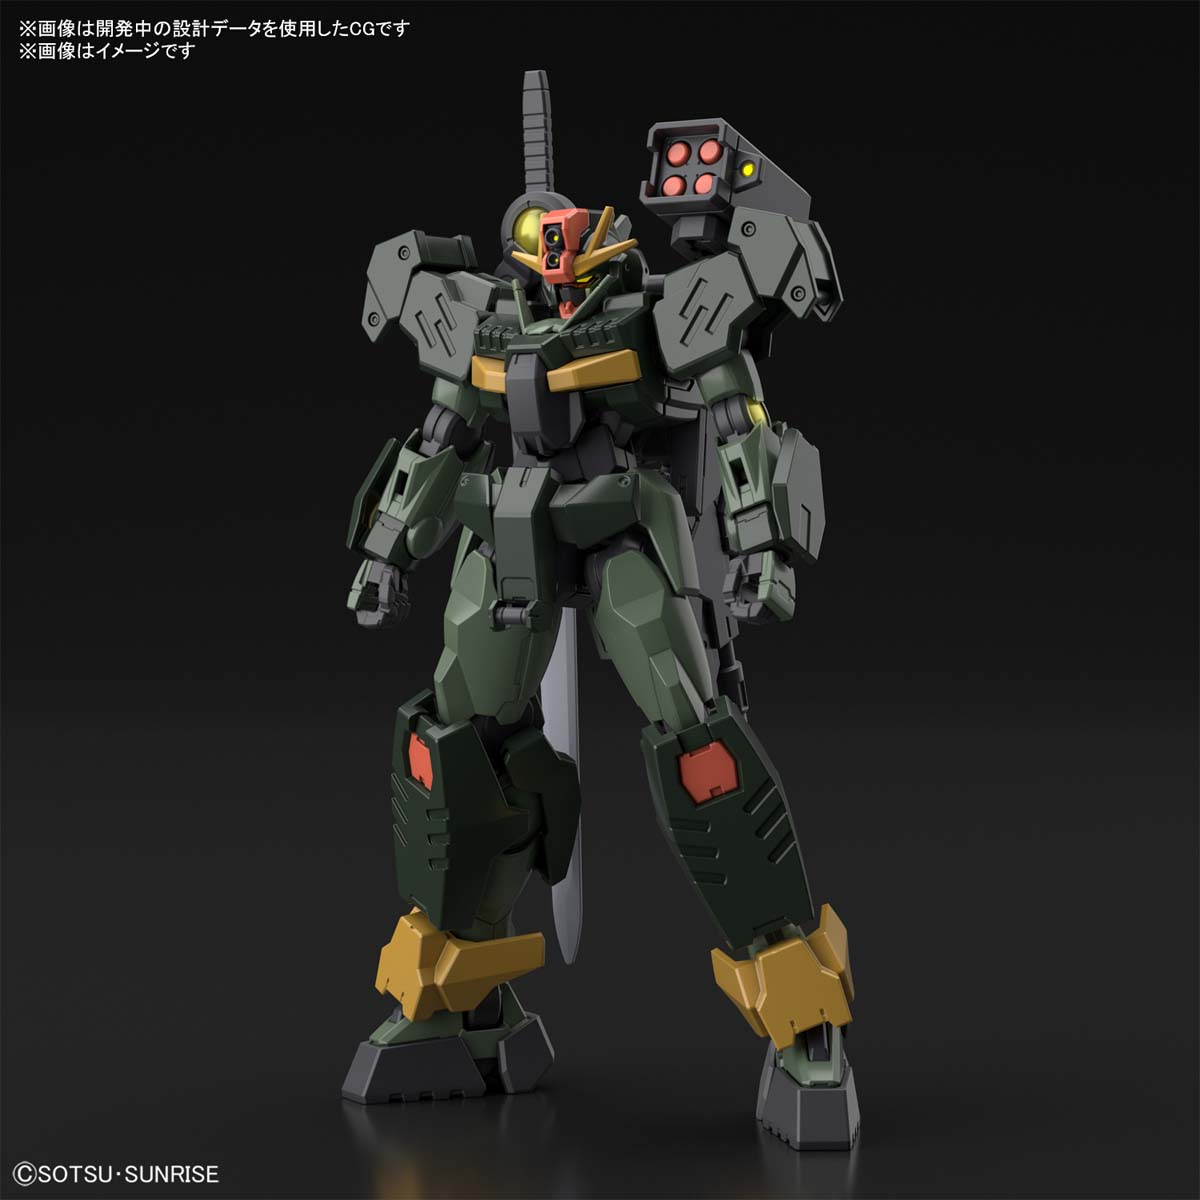 HG 1/144『ガンダムダブルオーコマンドクアンタ』ガンダムブレイカー バトローグ プラモデル-001